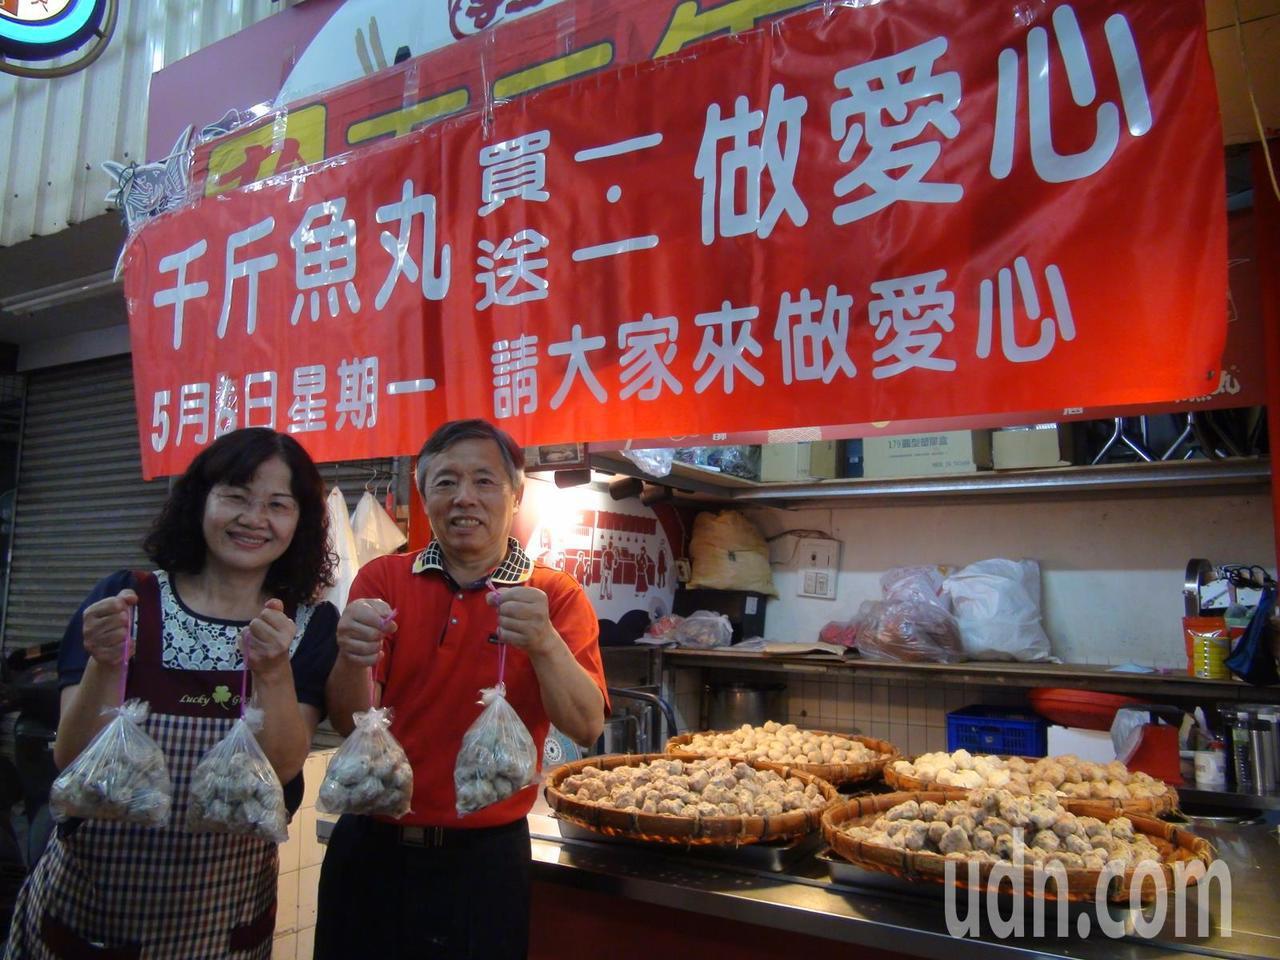 台中第五市場丸東商號,連續10年在母親節前辦「香菇丸買一送一活動」,今年5月6日...